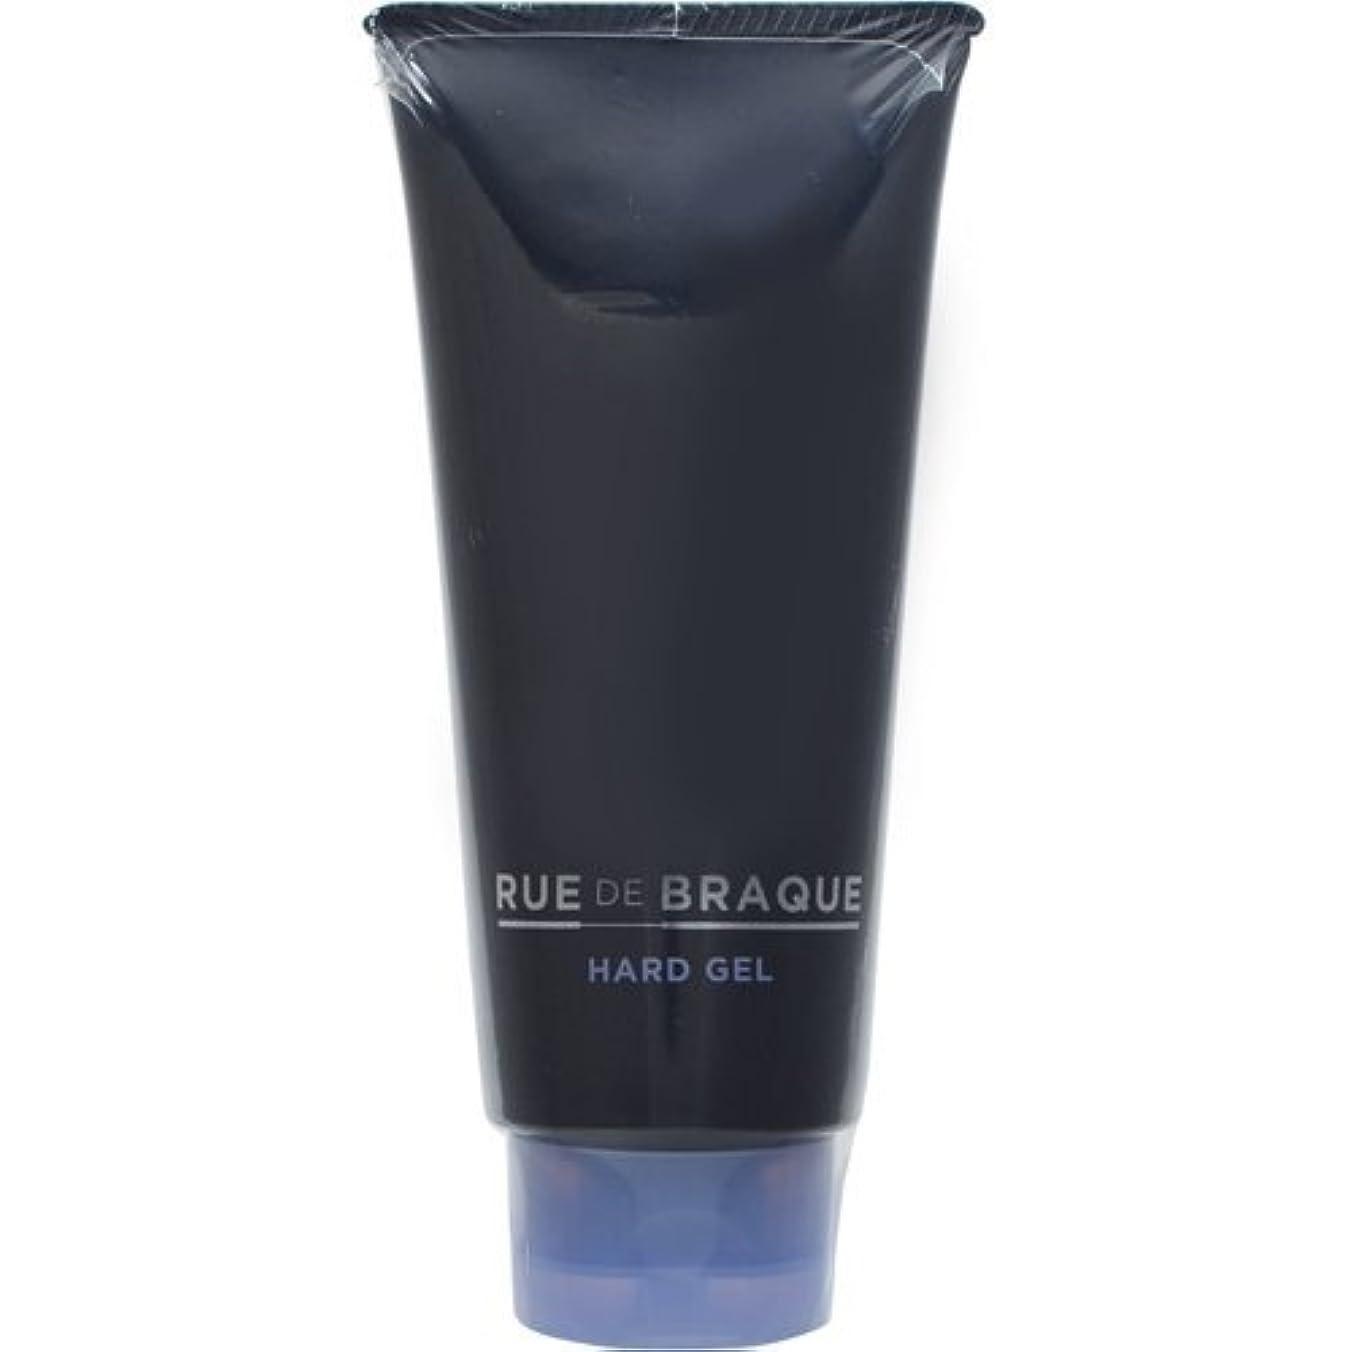 ミケランジェロアソシエイトグレートオークタマリス(TAMARIS) ルード ブラック ハードジェル 200g